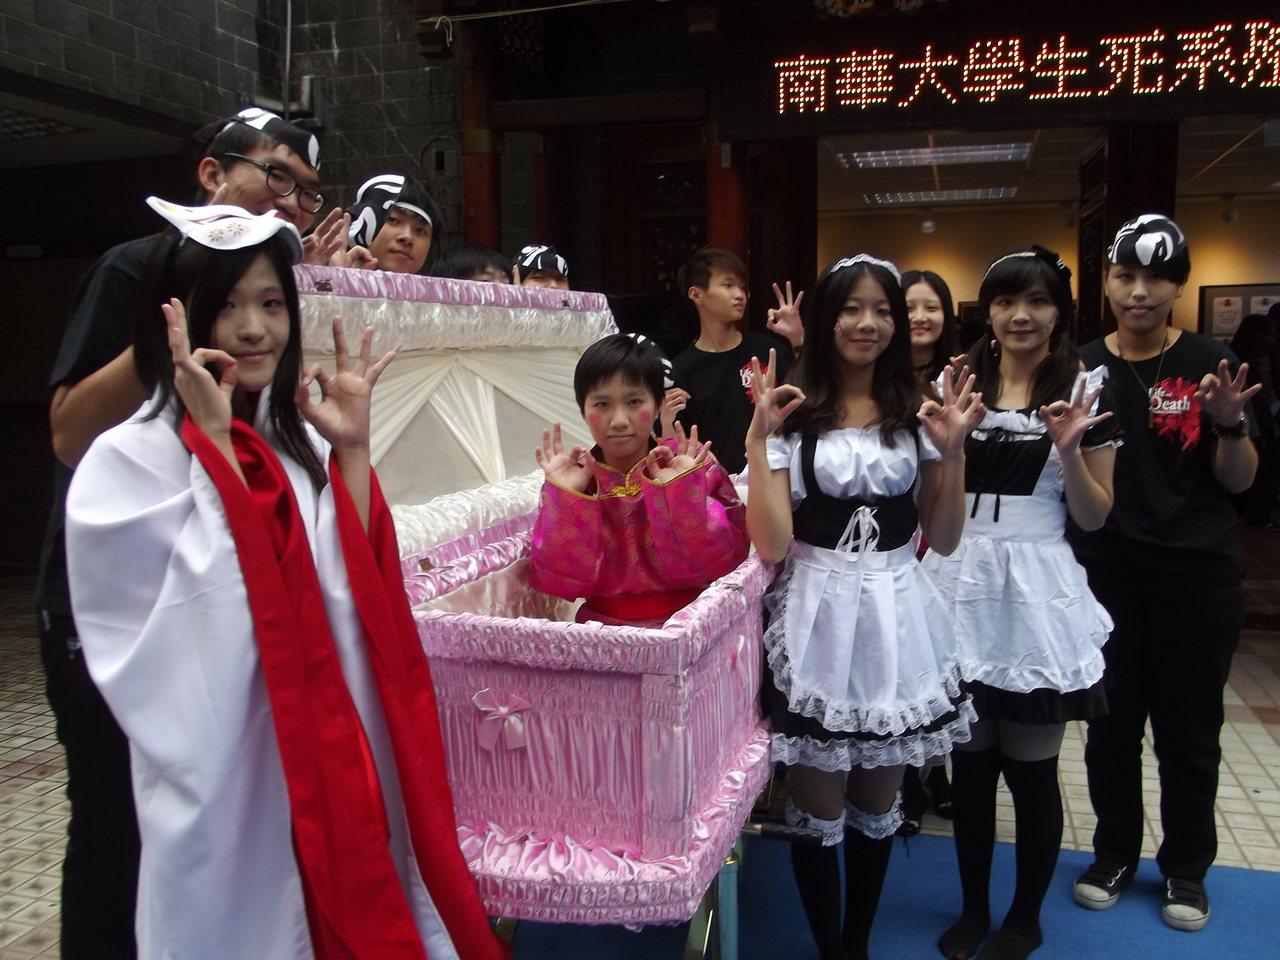 殯葬業者贈送南華大學生死學系教學棺木,學生們演出活潑的生死主題劇,棺木成為主角。...